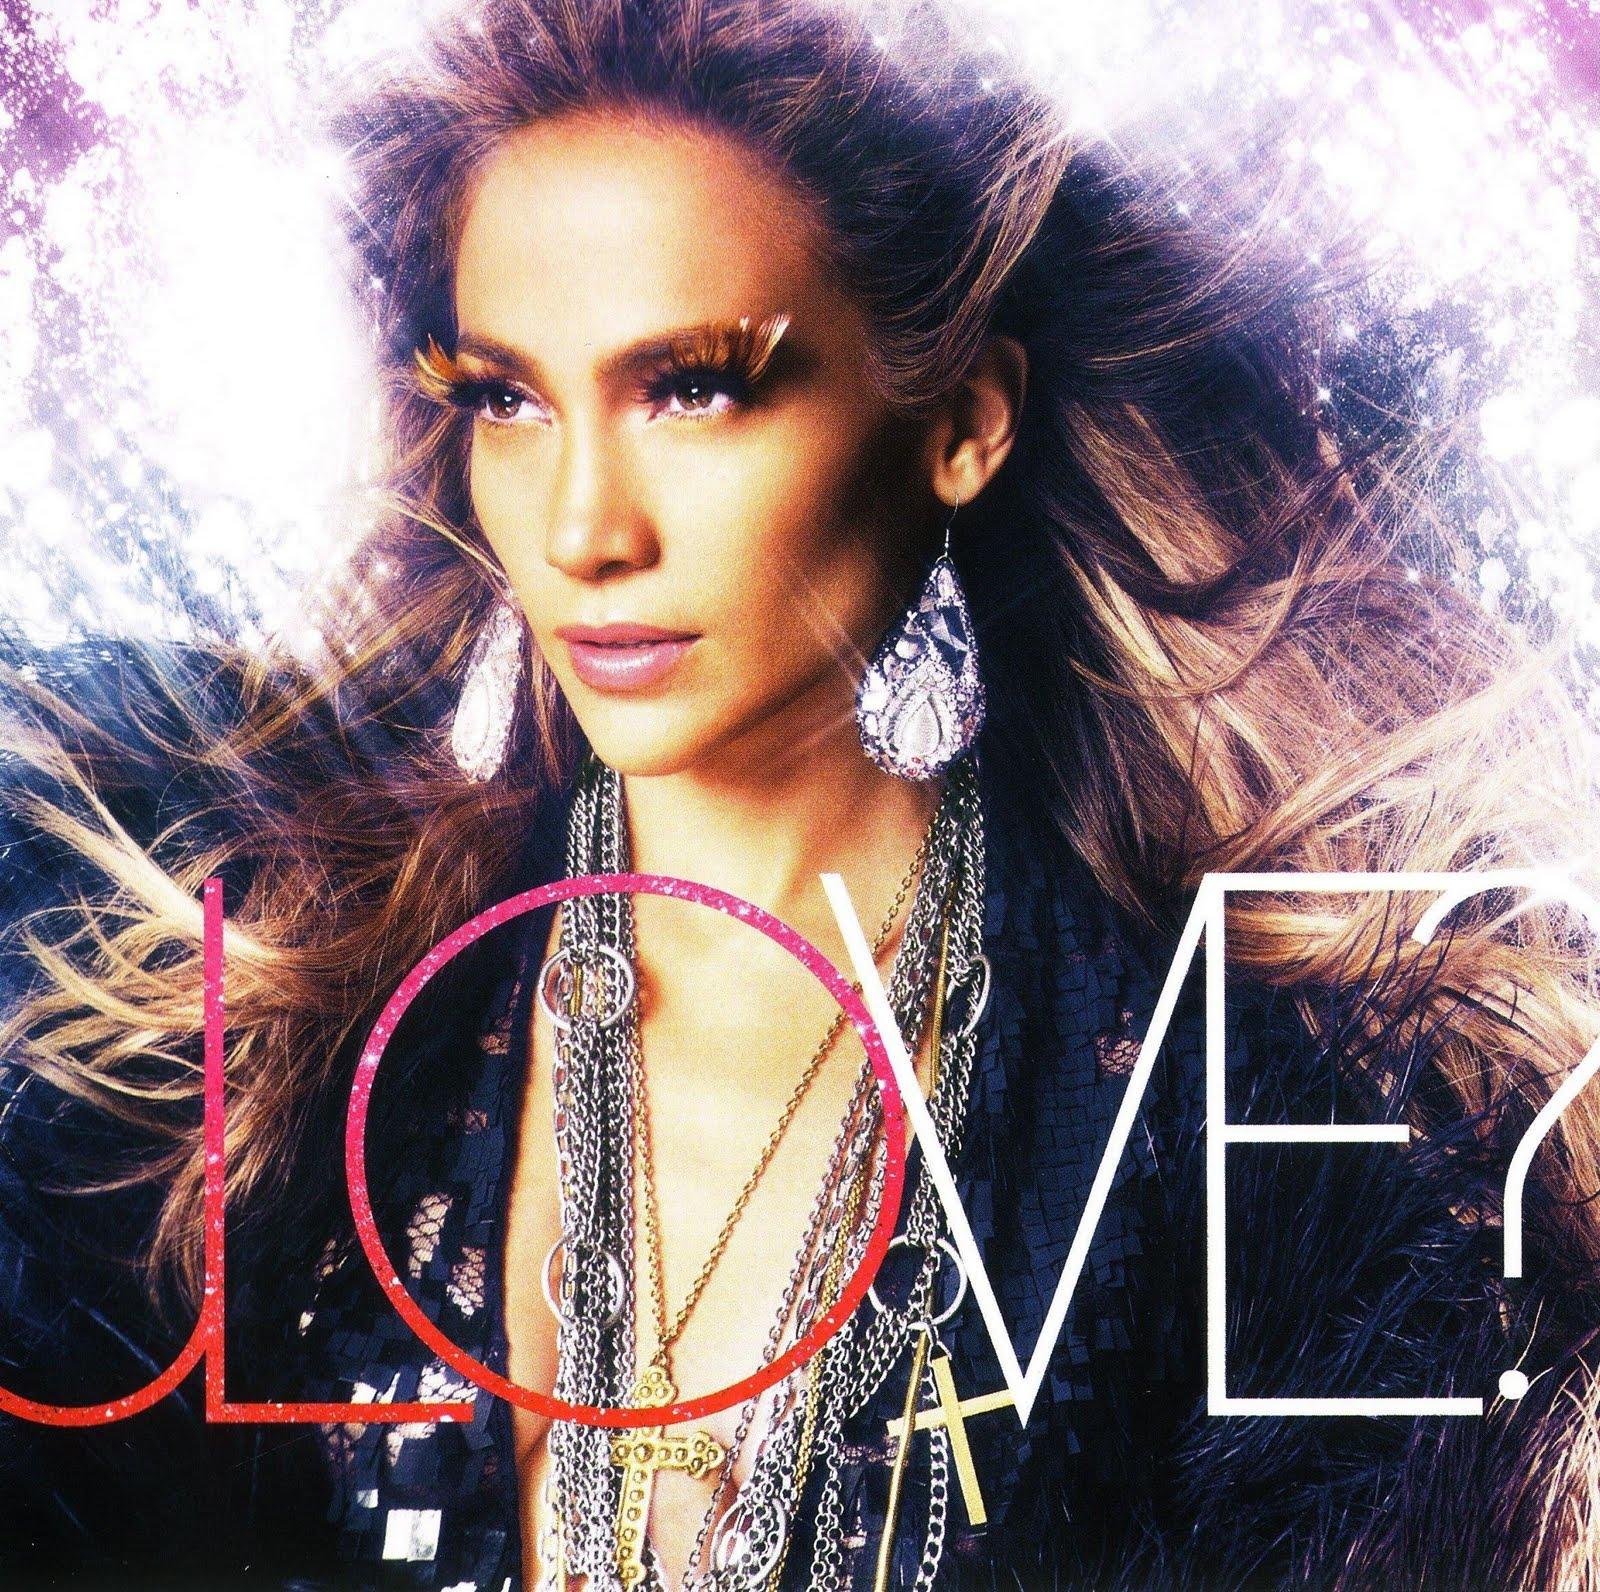 http://1.bp.blogspot.com/-sEtkgsEws0w/TbskZR8VZaI/AAAAAAAABl4/oPYcw5Y7V2E/s1600/Jennifer+Lopez+-+Love++-+Front.jpg